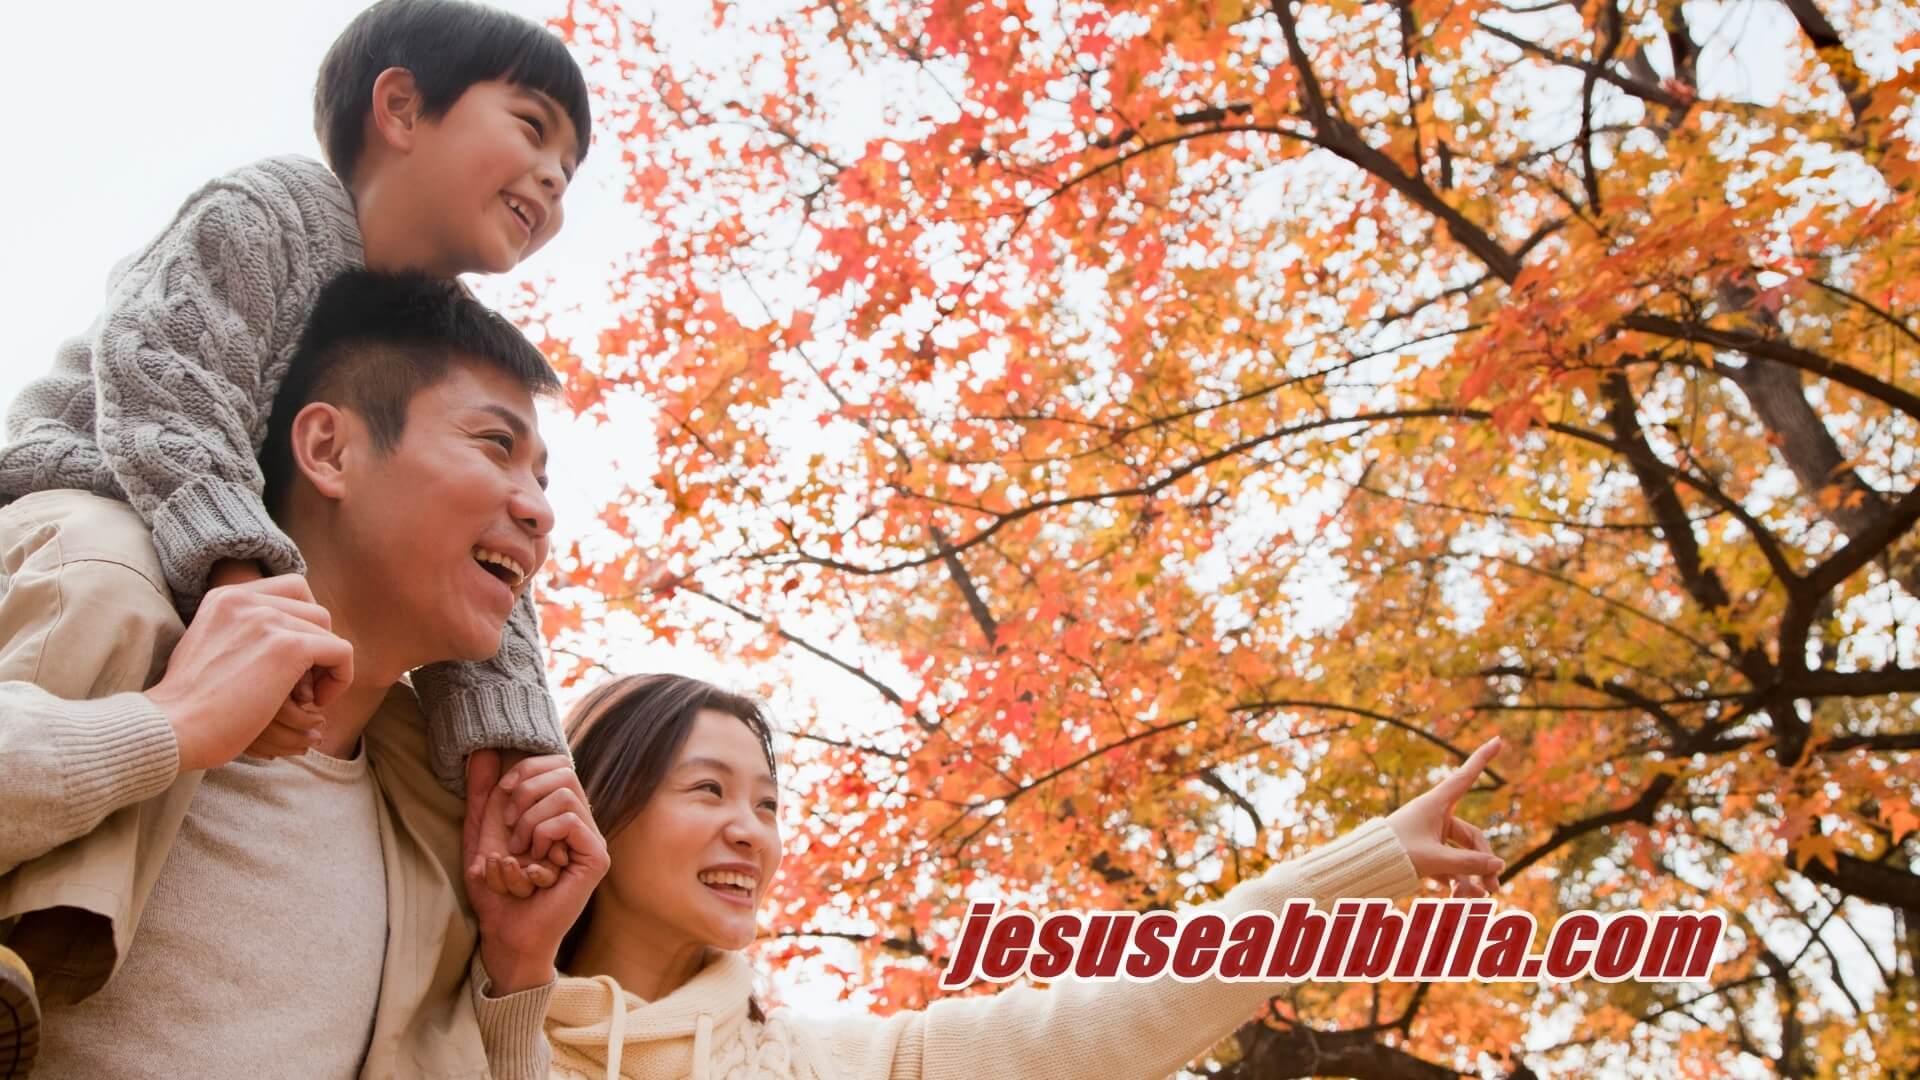 Estudo Bíblico Sobre A Família: O Grande Projeto De Deus